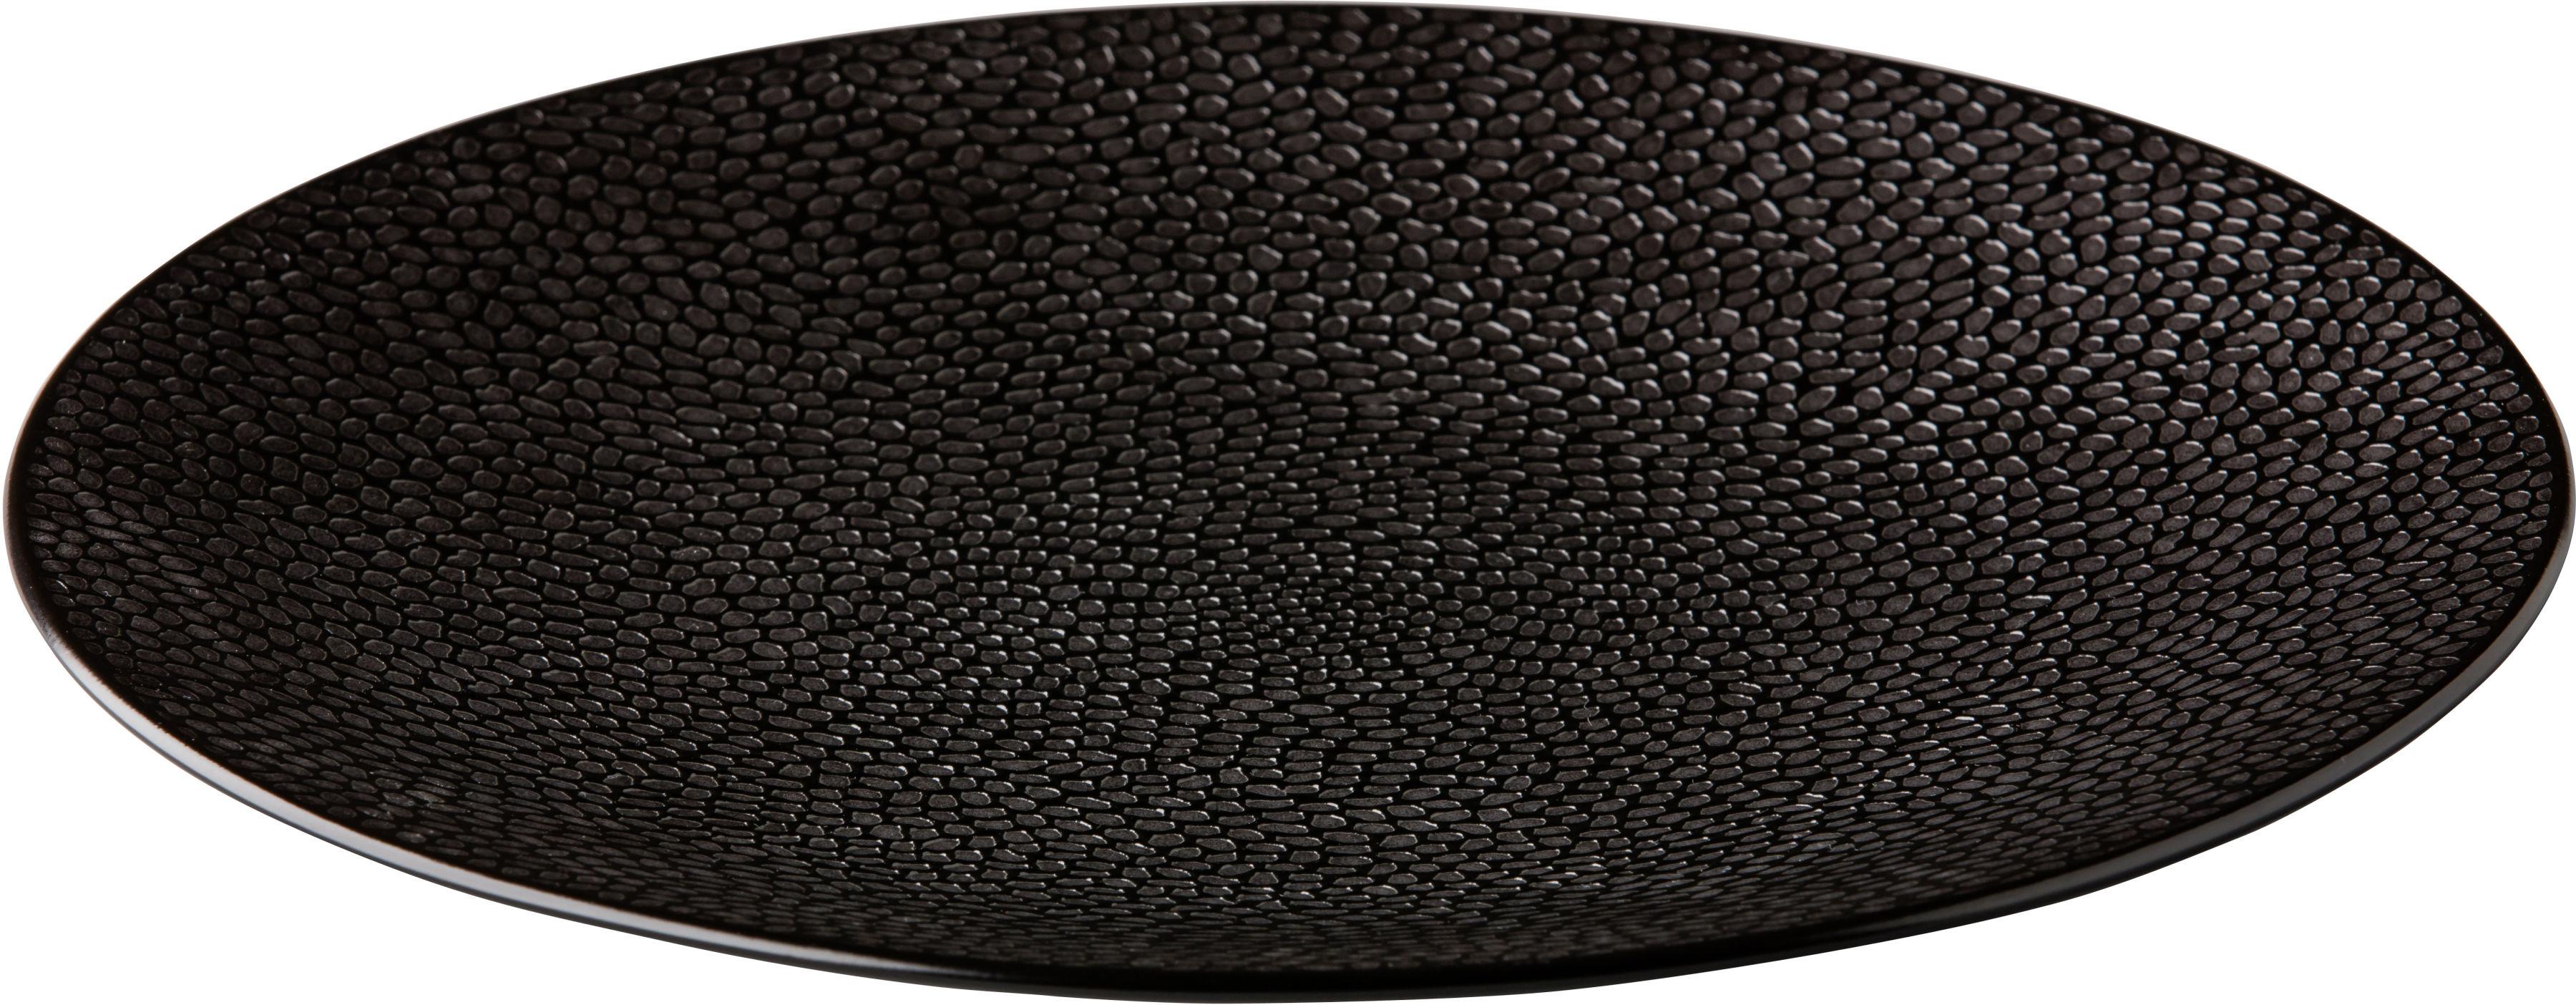 Talerz płytki Honeycomb czarny 210 mm porcelana Fine Dine 773130